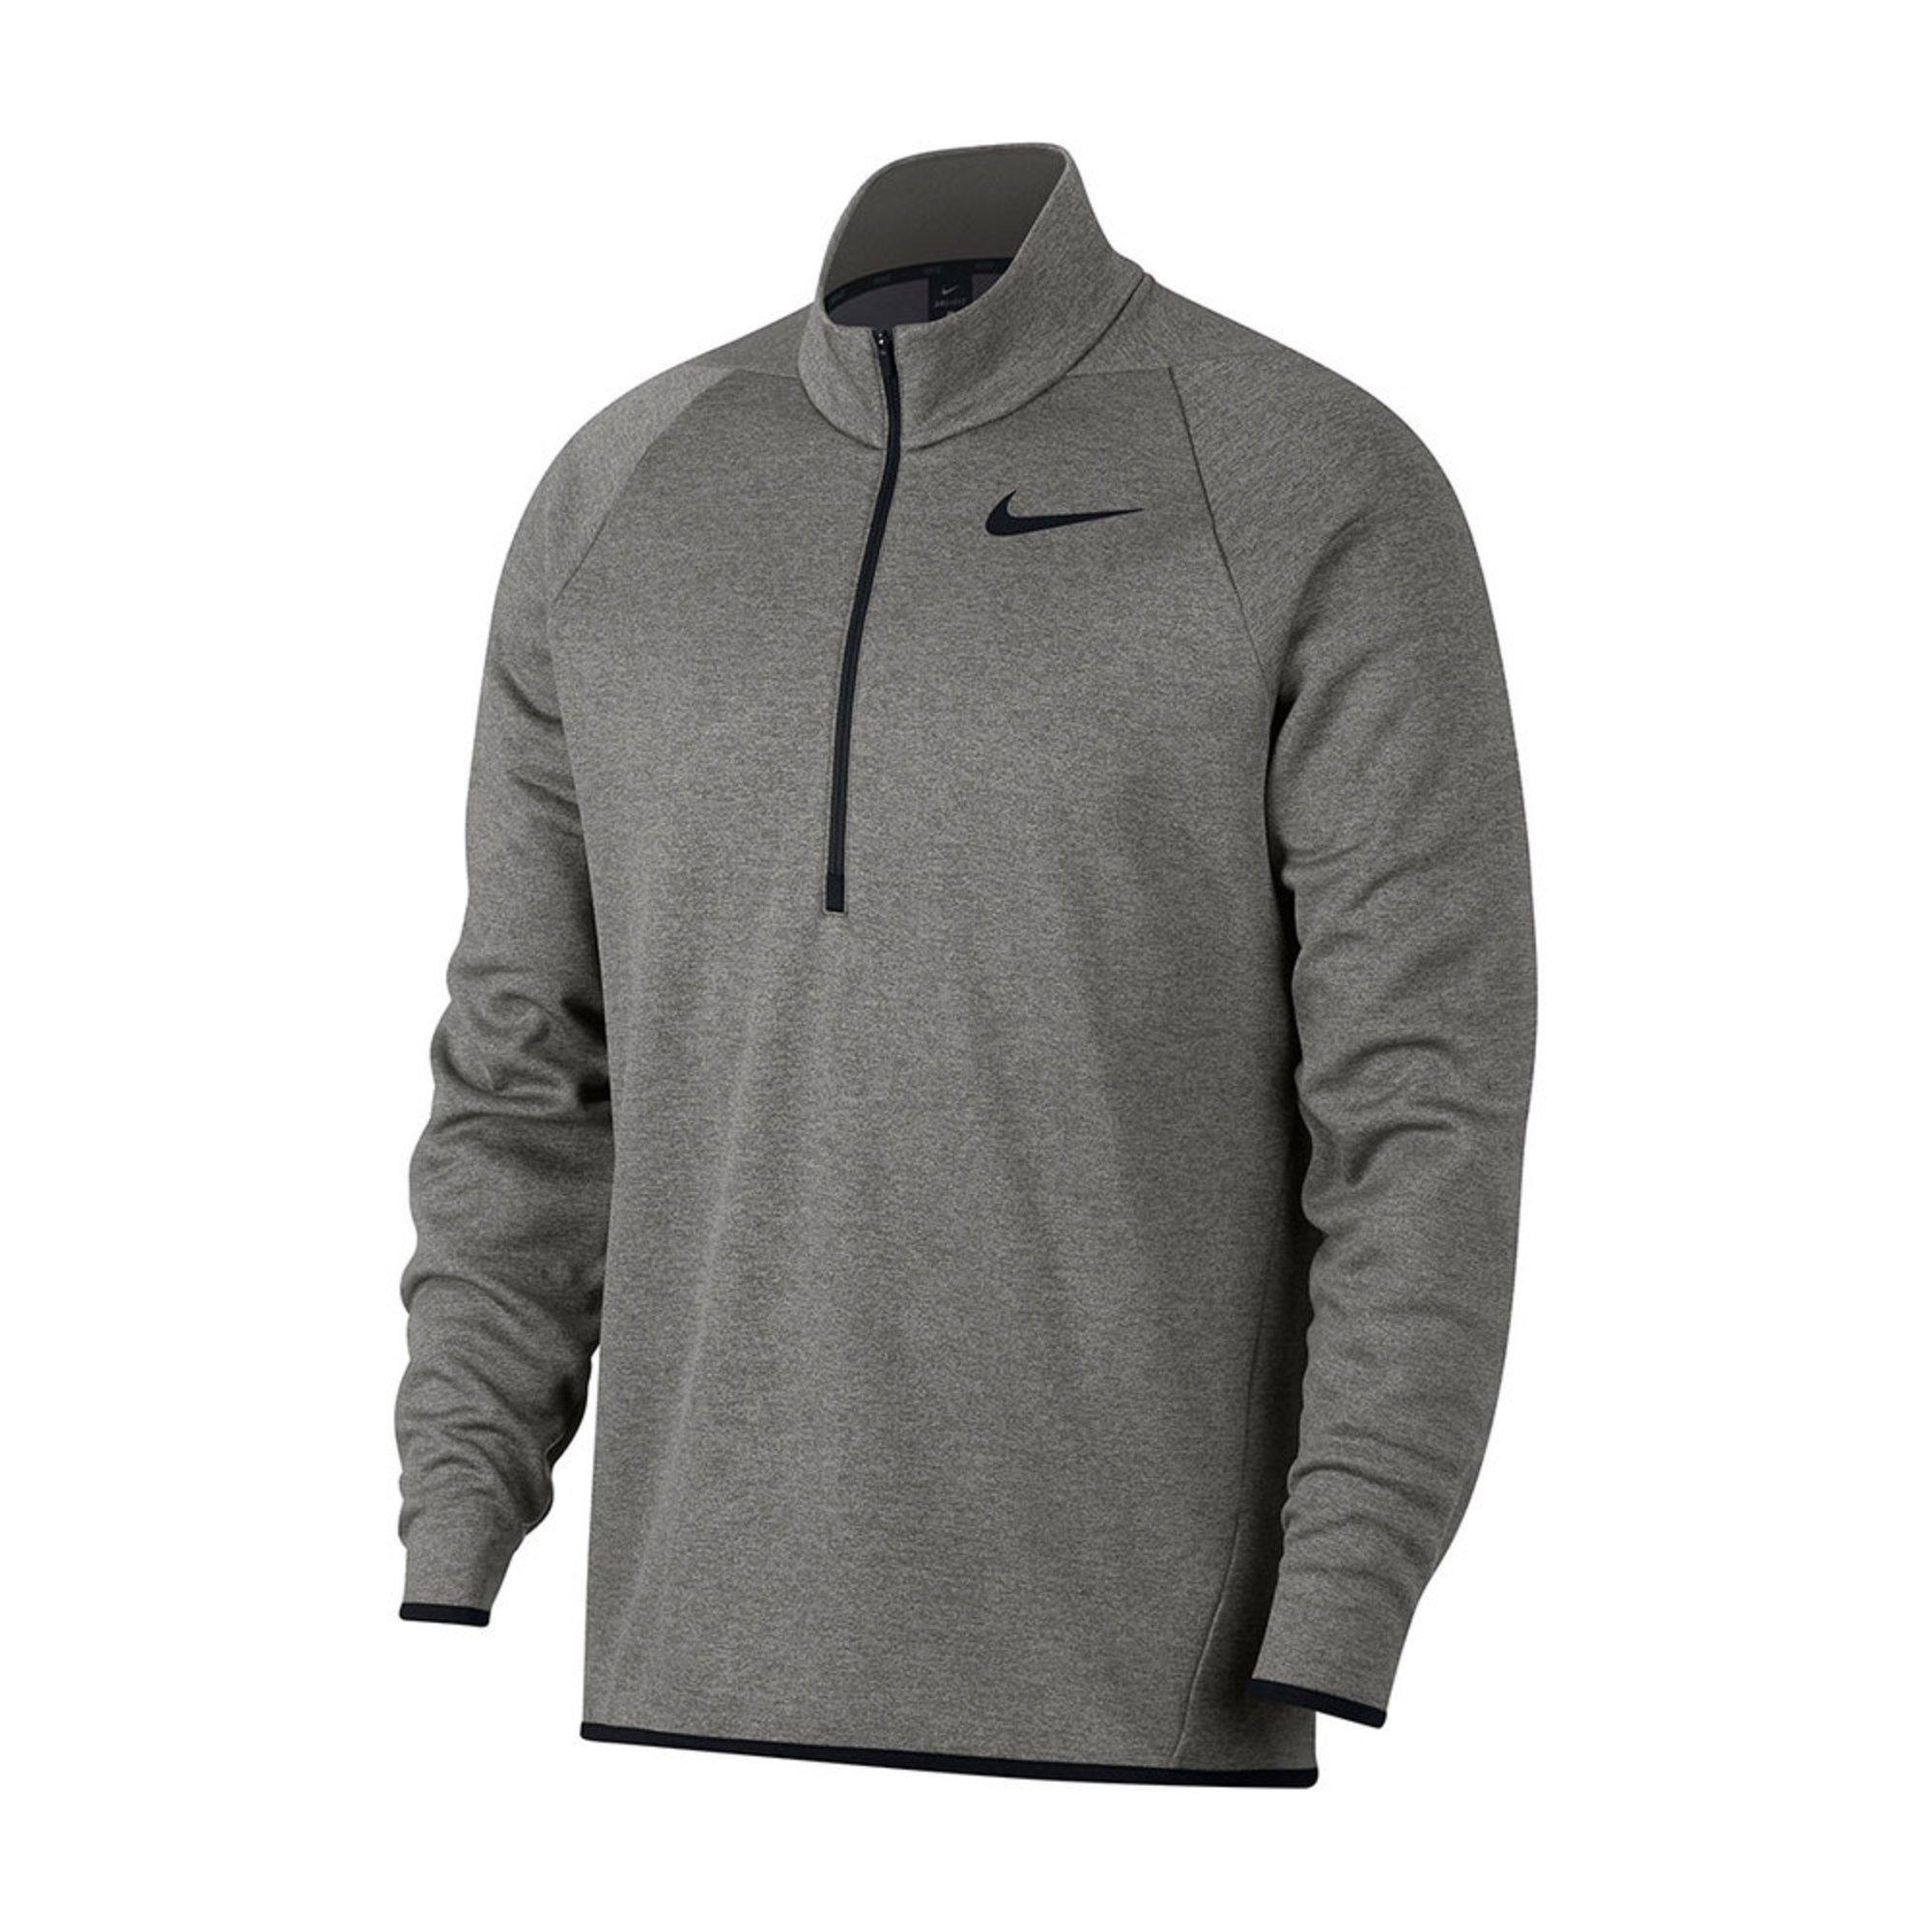 b1288e8282 Nike Men s Therma Long Sleeve 1 4 Zip Top